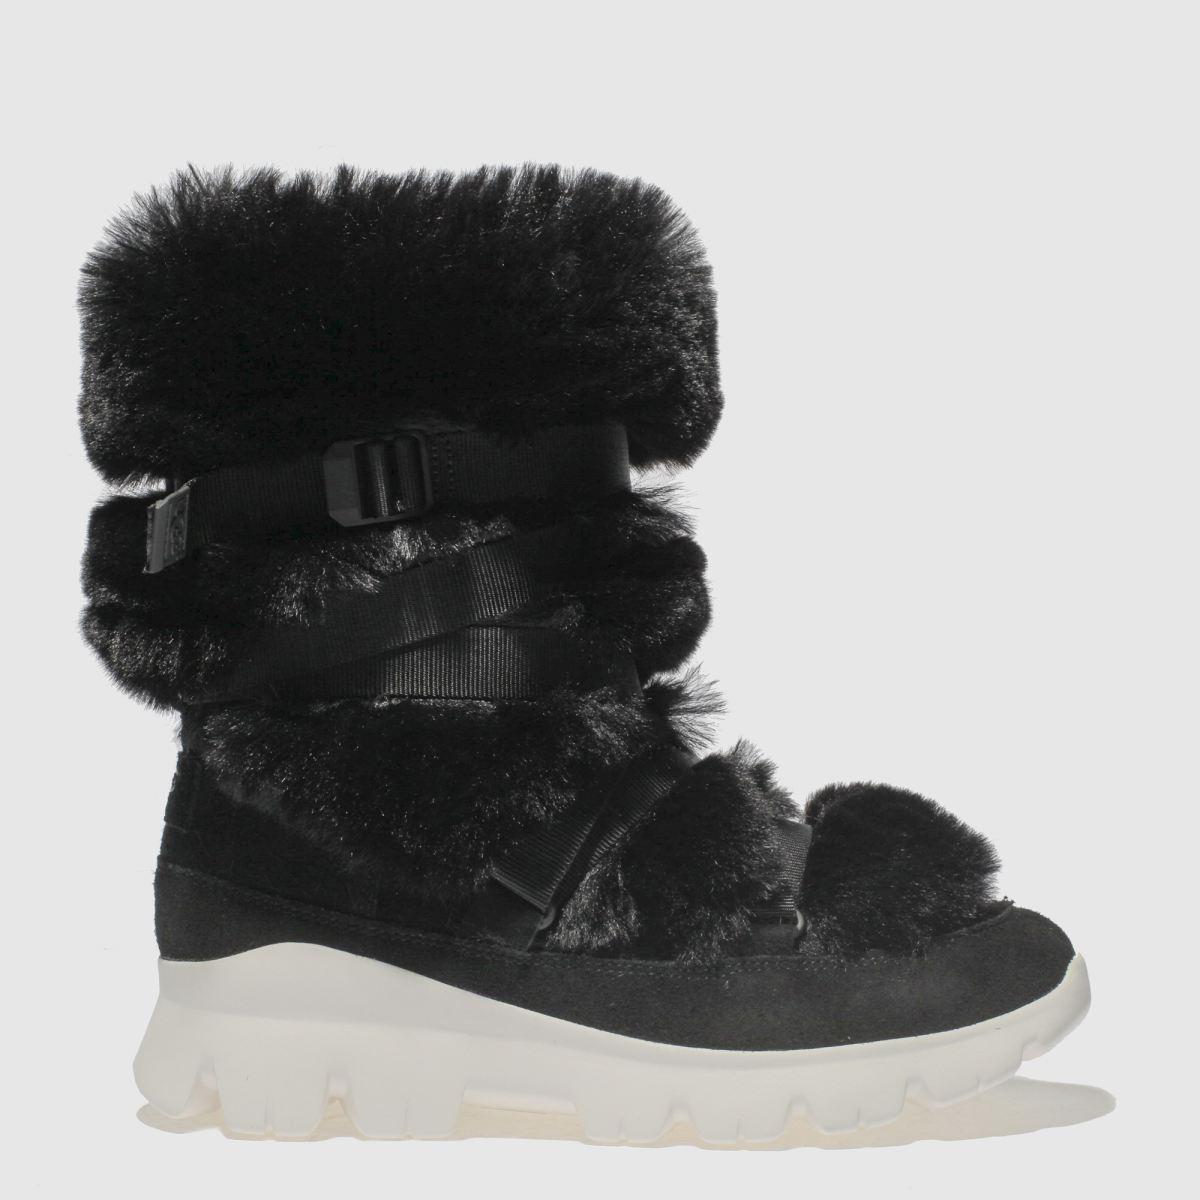 Ugg Black Misty Boots